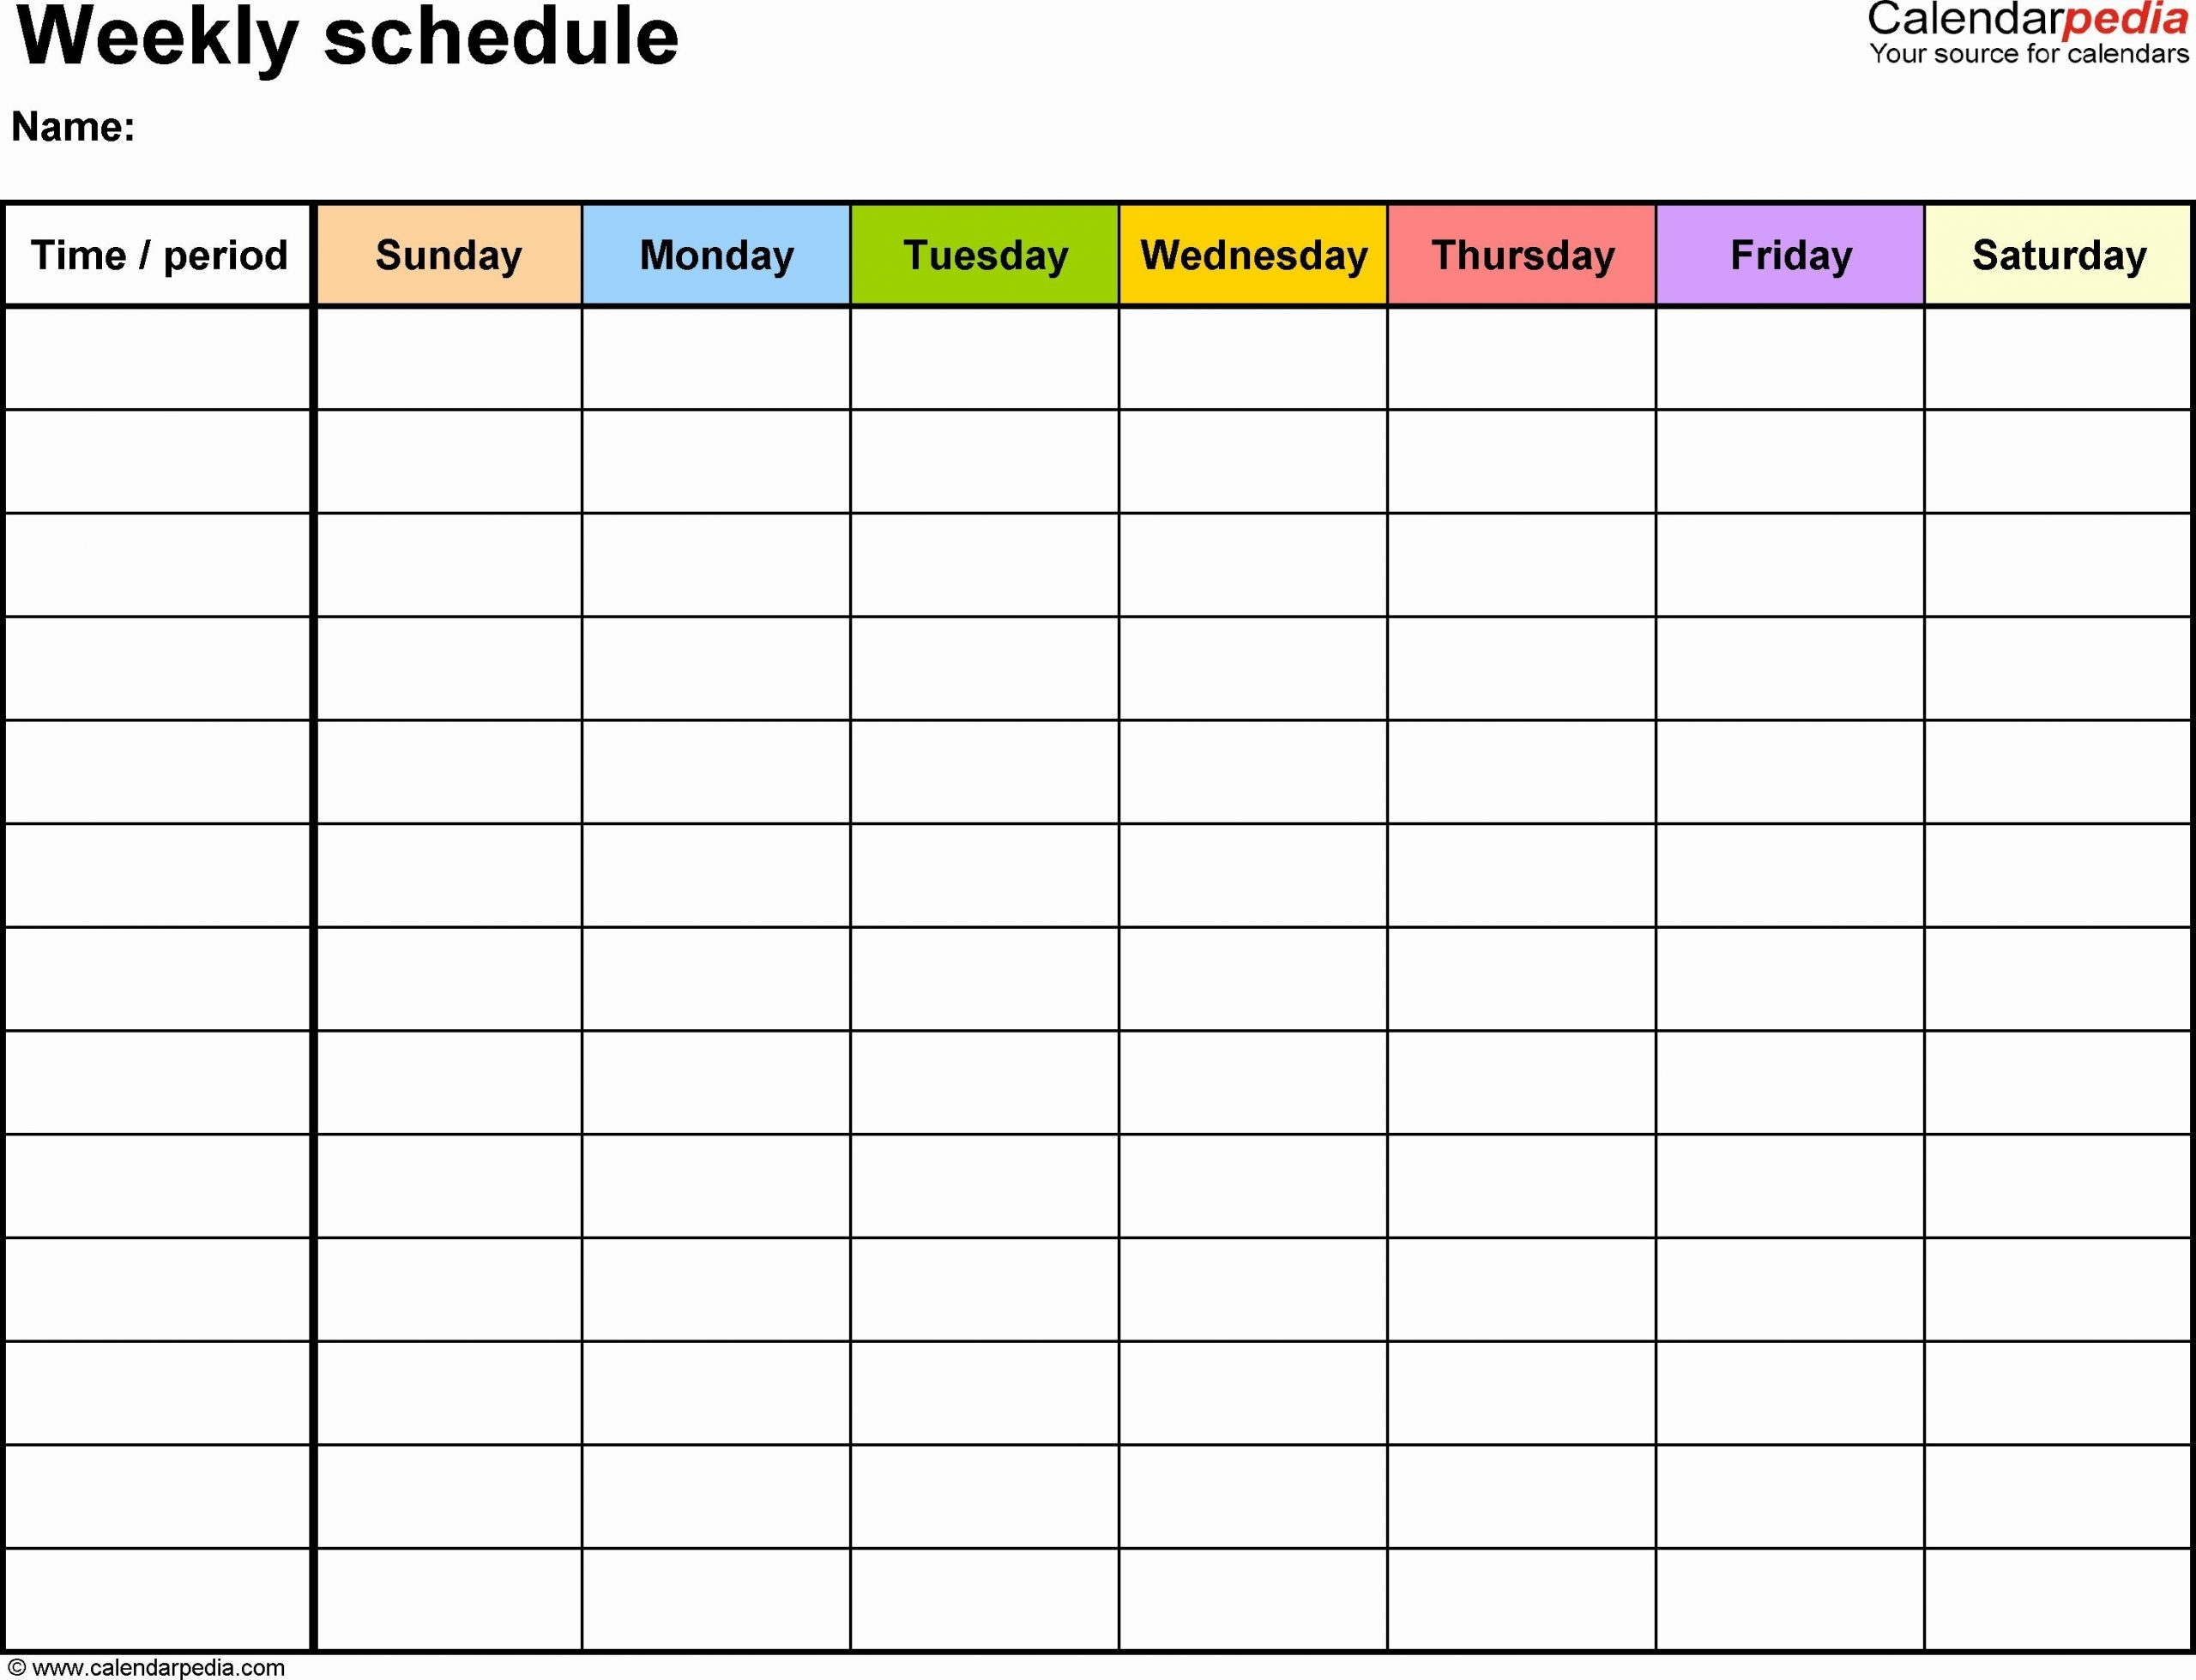 30 Day Calendar Template Word Elegant Weekly Schedule